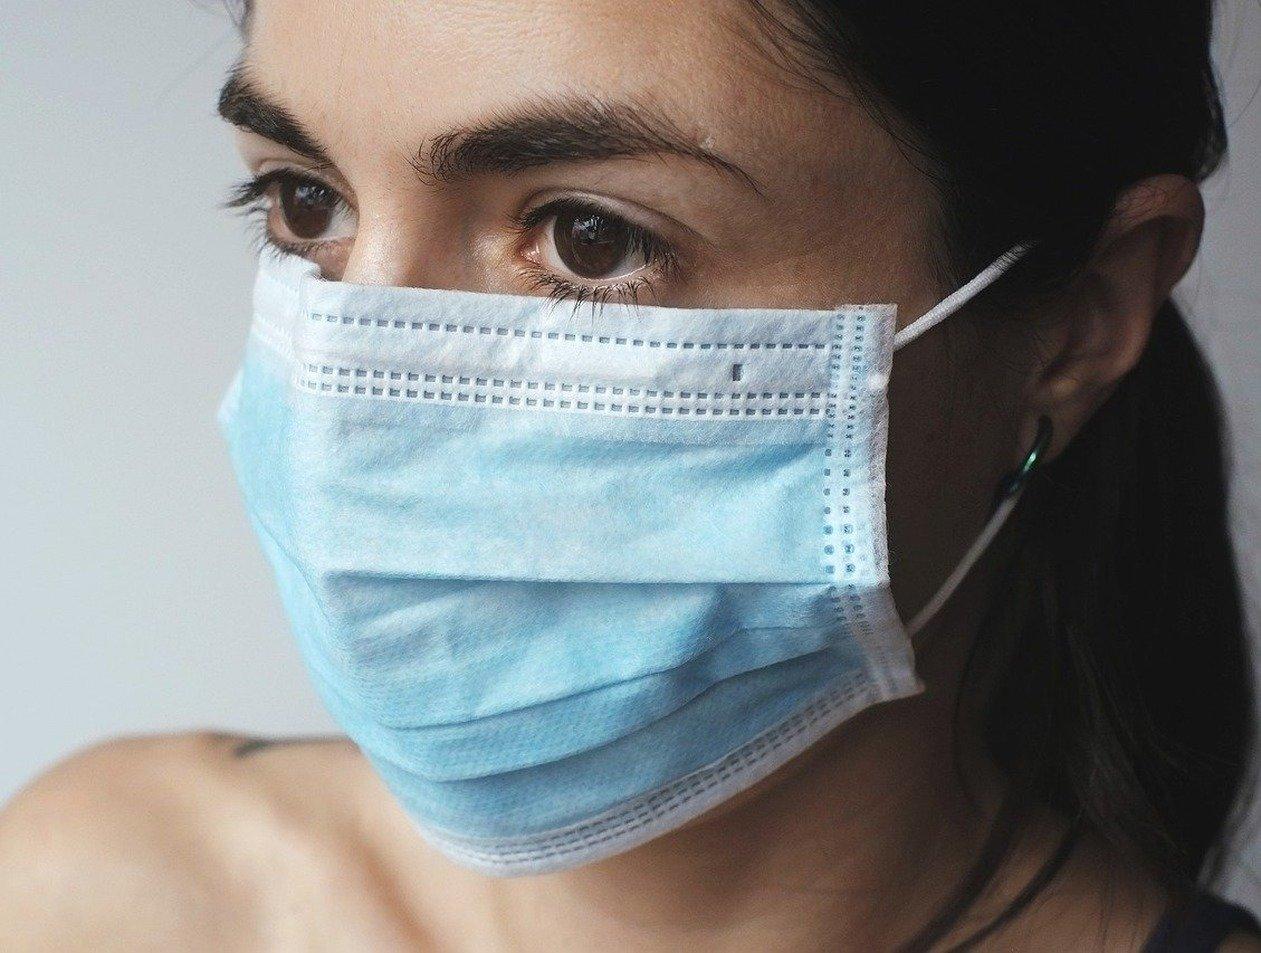 Названы люди, которым запрещено носить маску